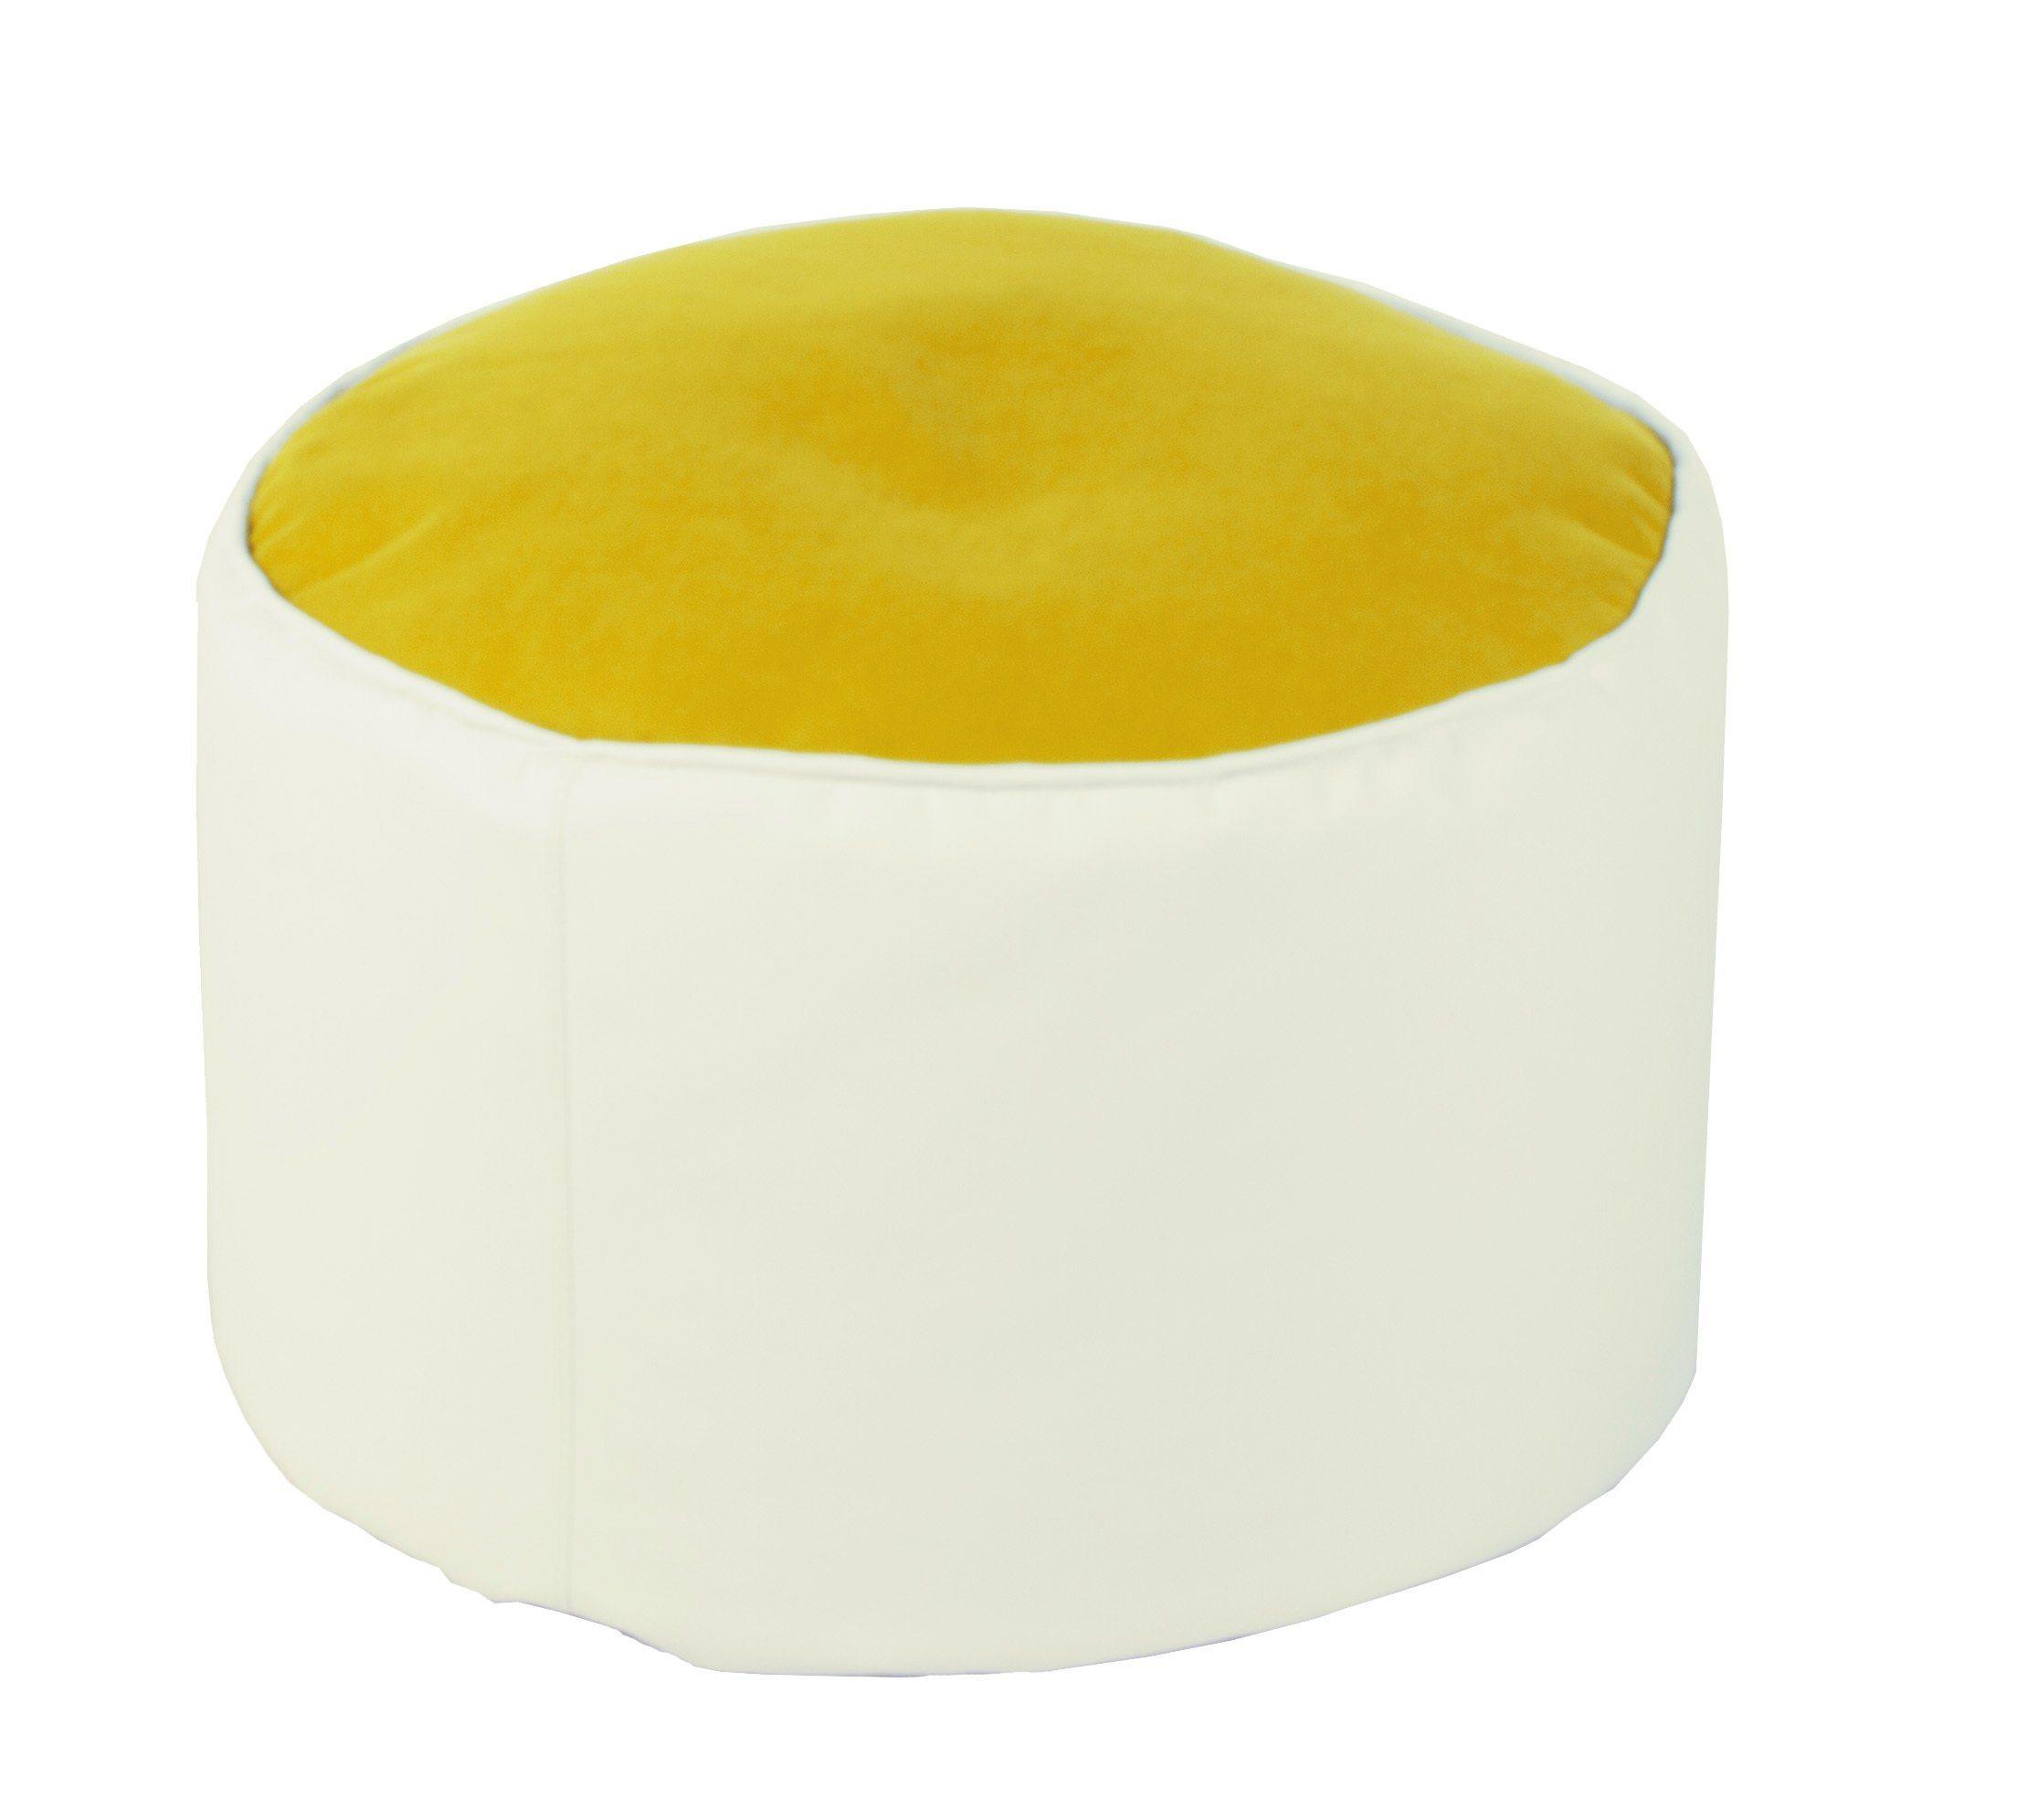 Kasper-Wohndesign Sitzsack Pouf weiß verschiedene Farben »LOTUS GENUA« | Wohnzimmer > Sessel > Sitzsaecke | Weiß | Polyester - Leder | Kasper-Wohndesign